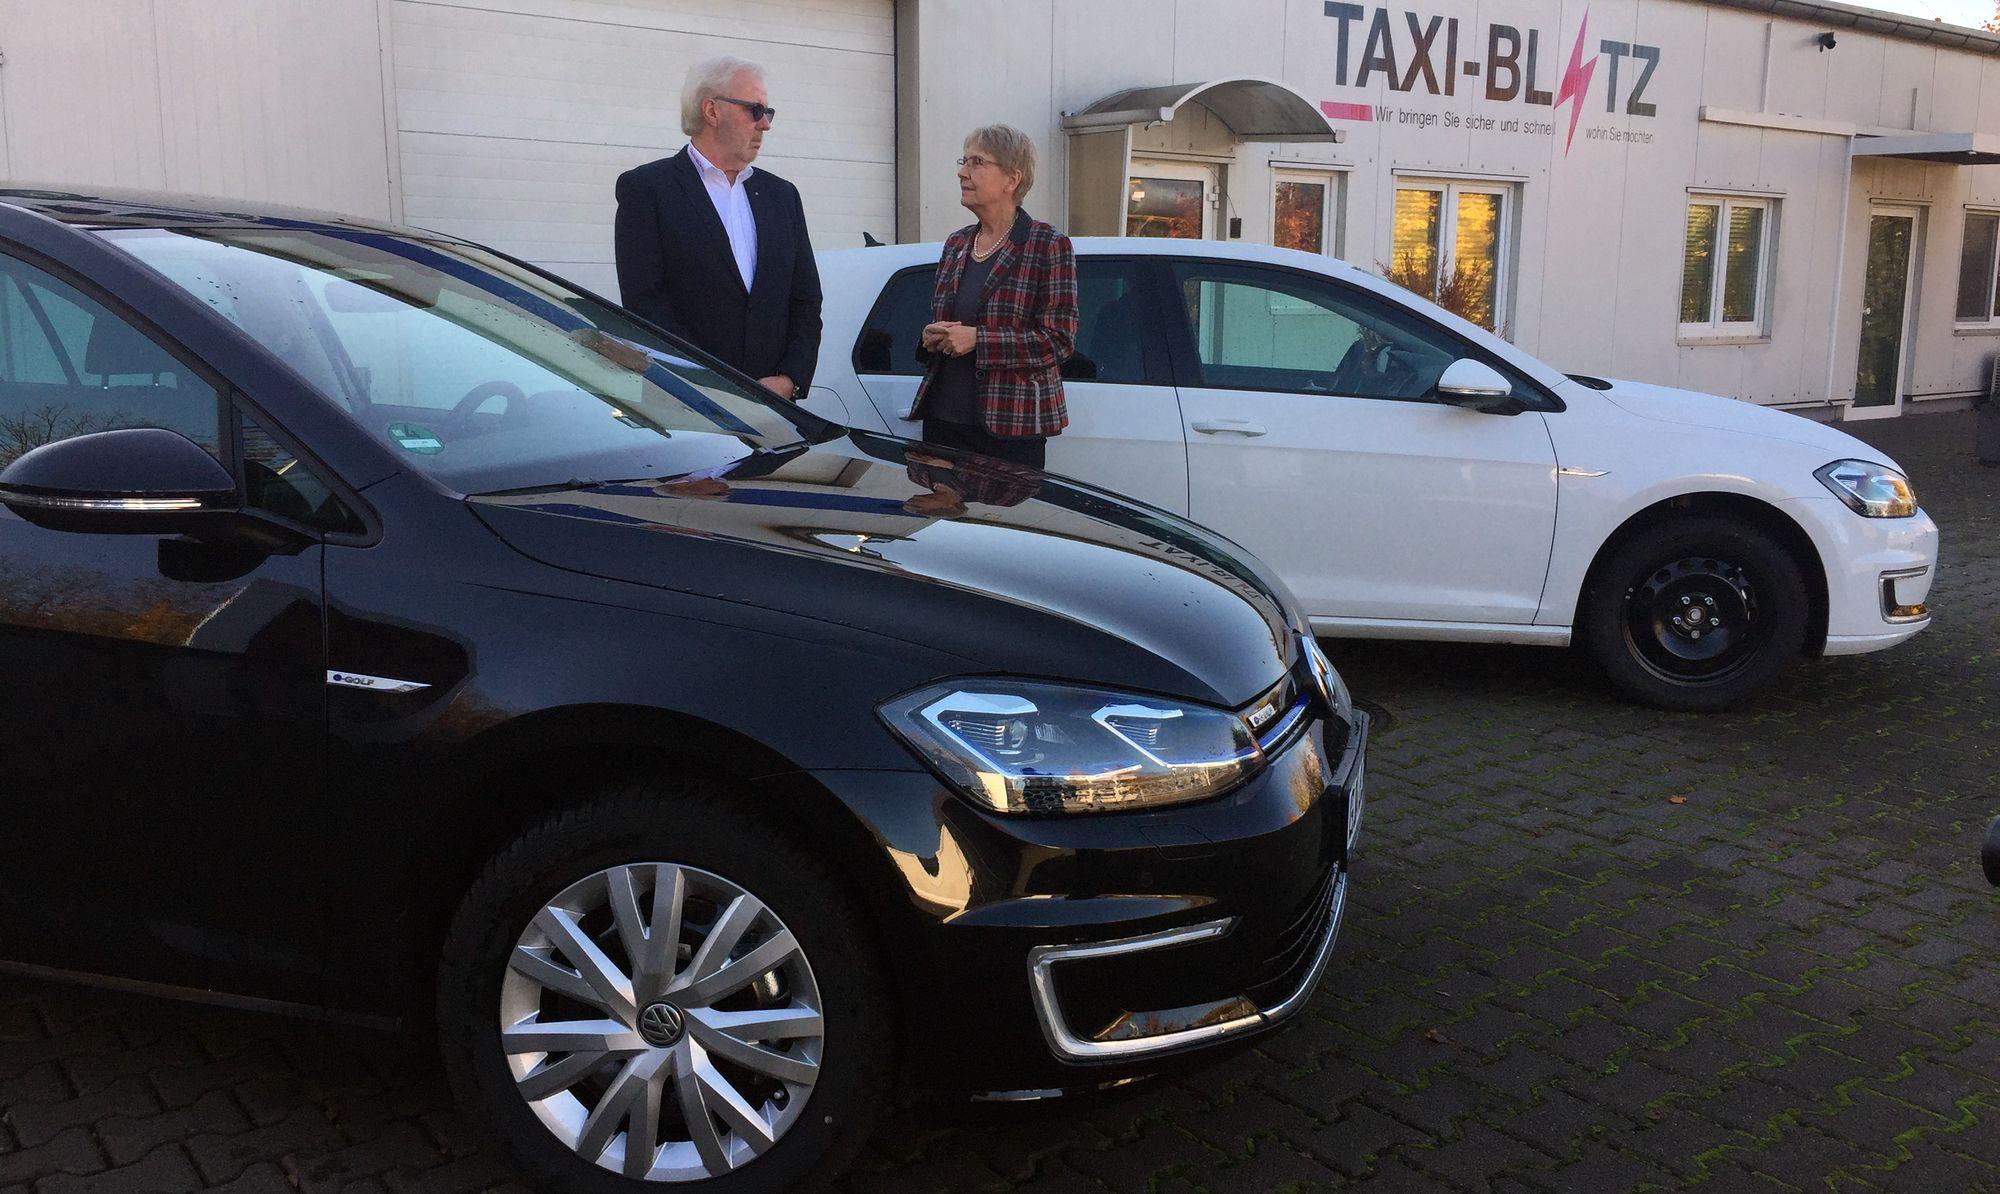 Stadträtin Weigel-Greilich und Uwe Müller von der Firma Taxi-Blitz mit den neuen E-Fahrzeugen